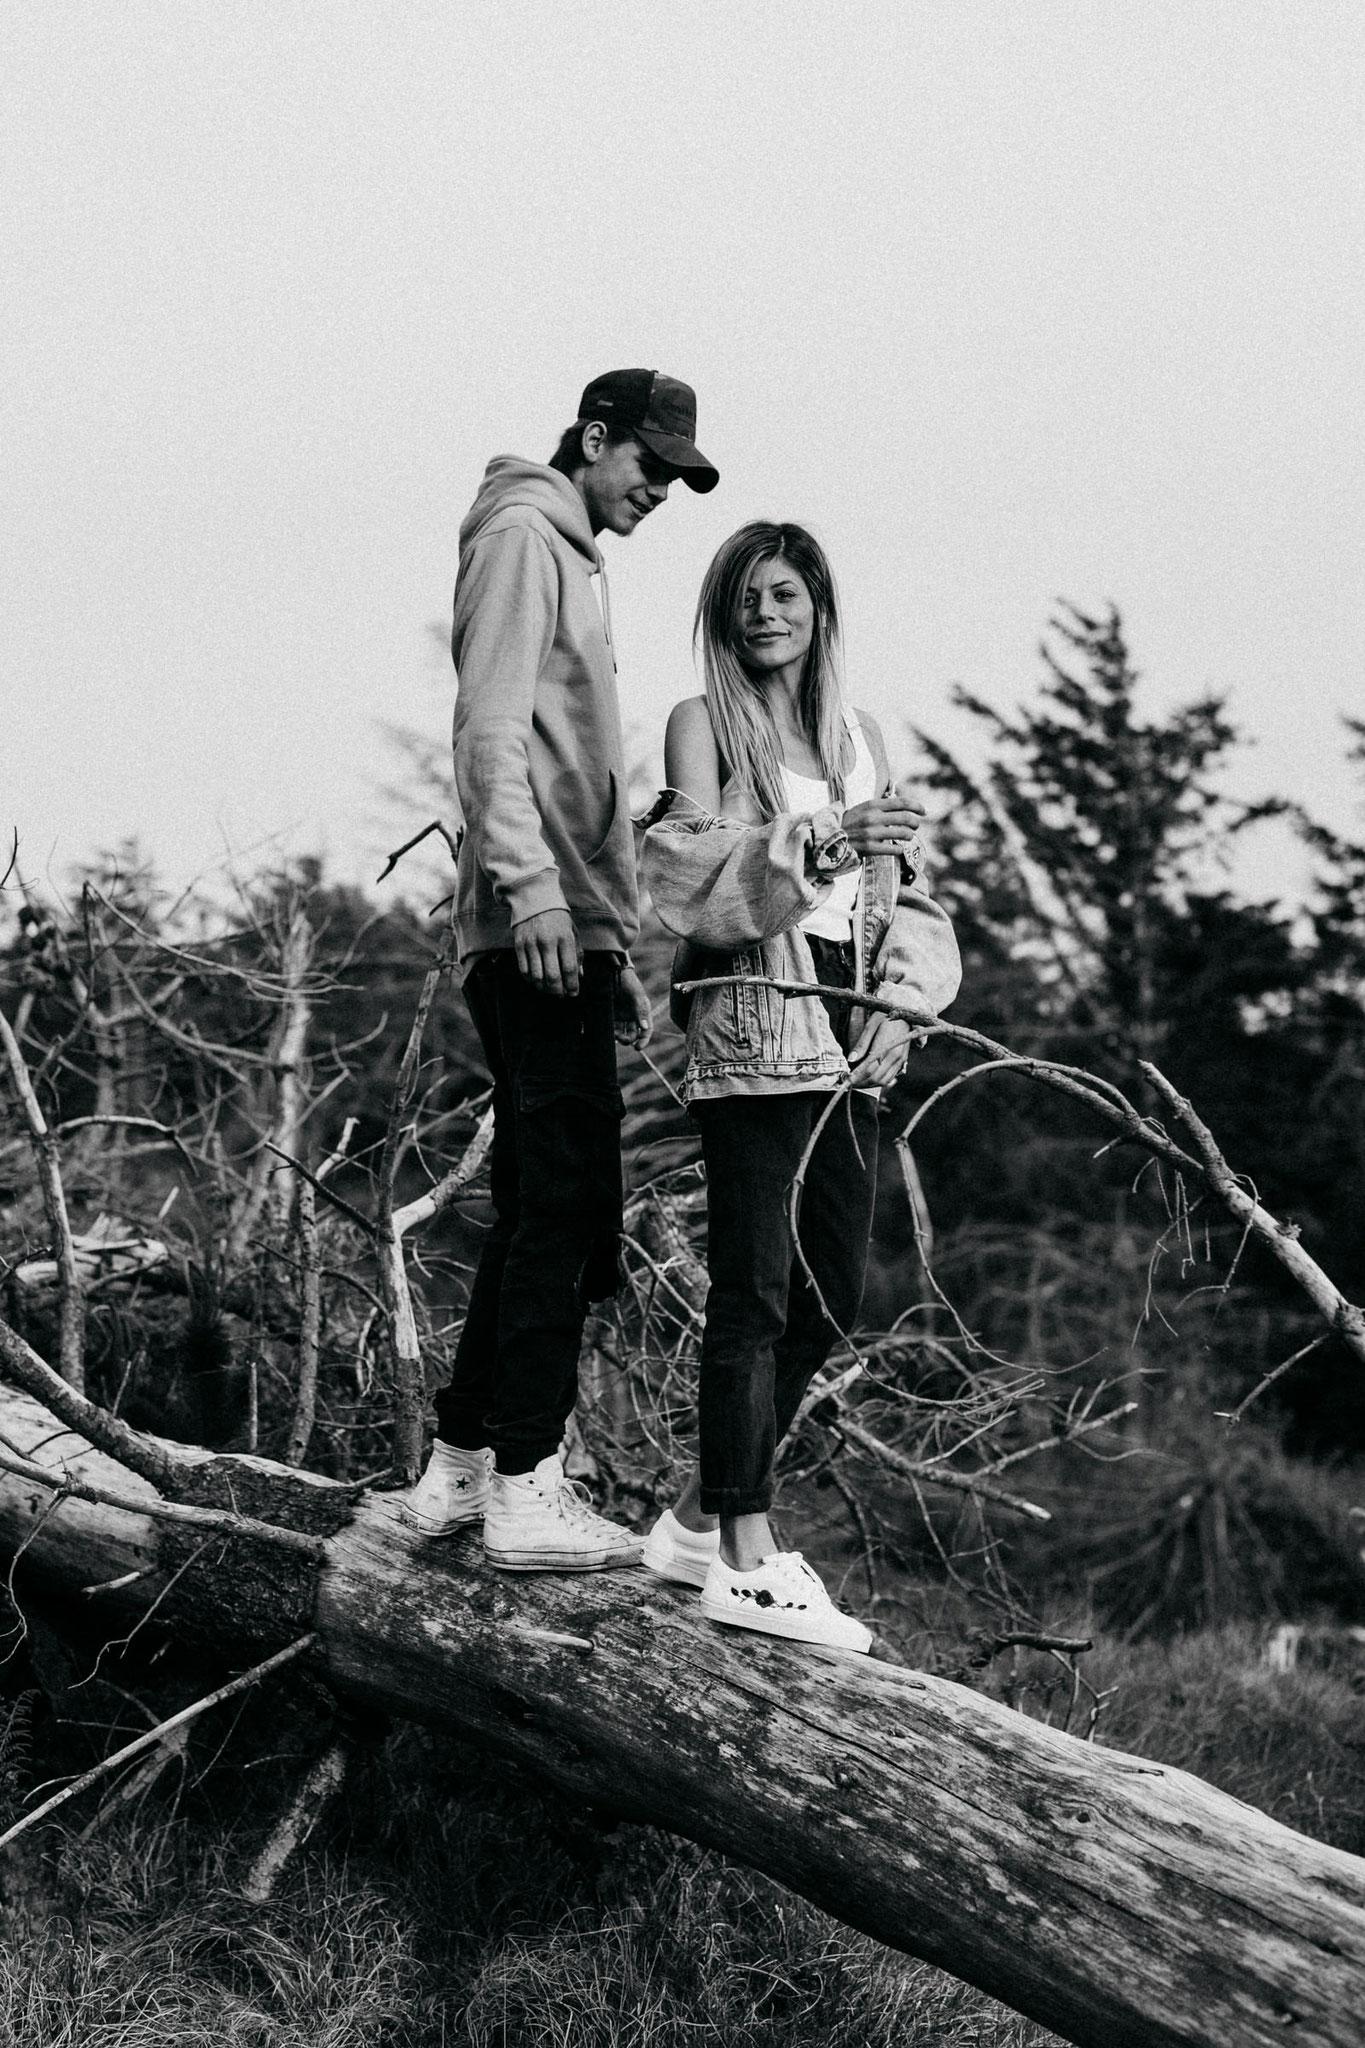 Paarfotografie von Alina Atzler